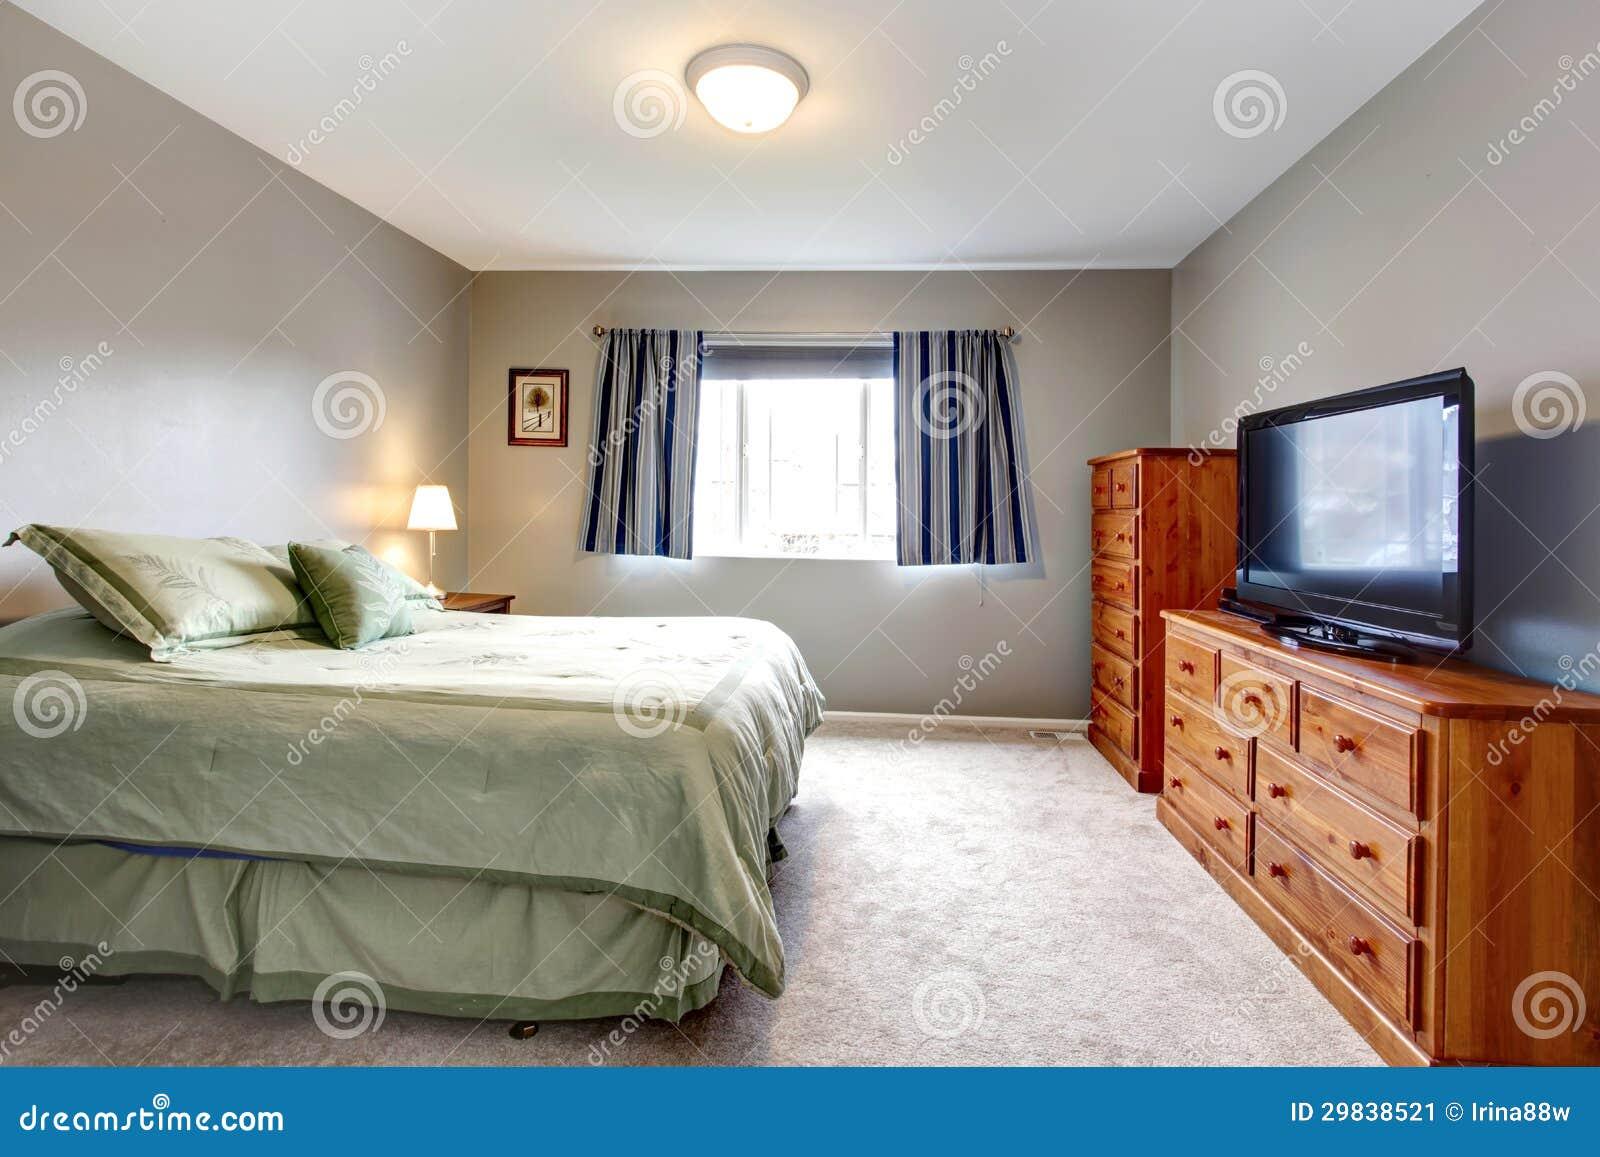 Grande quarto cinzento com armário, tevê e as cortinas azuis.